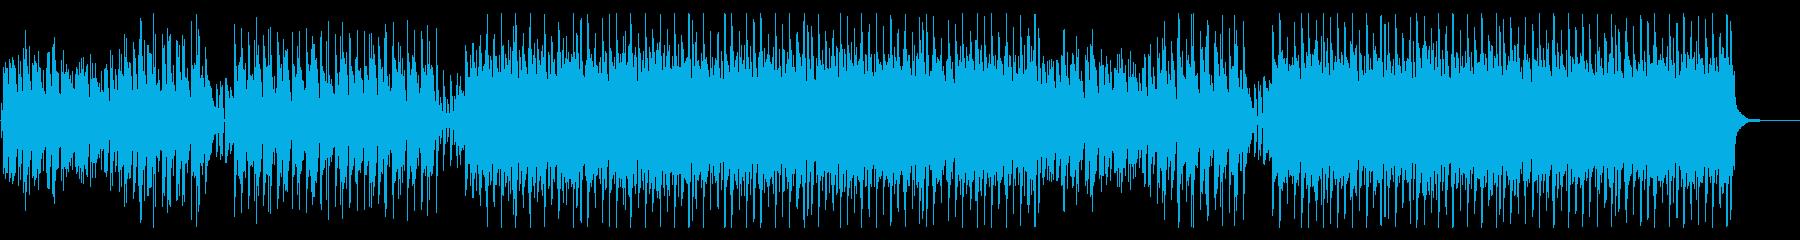 CMやVPに おしゃれかわいいピアノポップの再生済みの波形